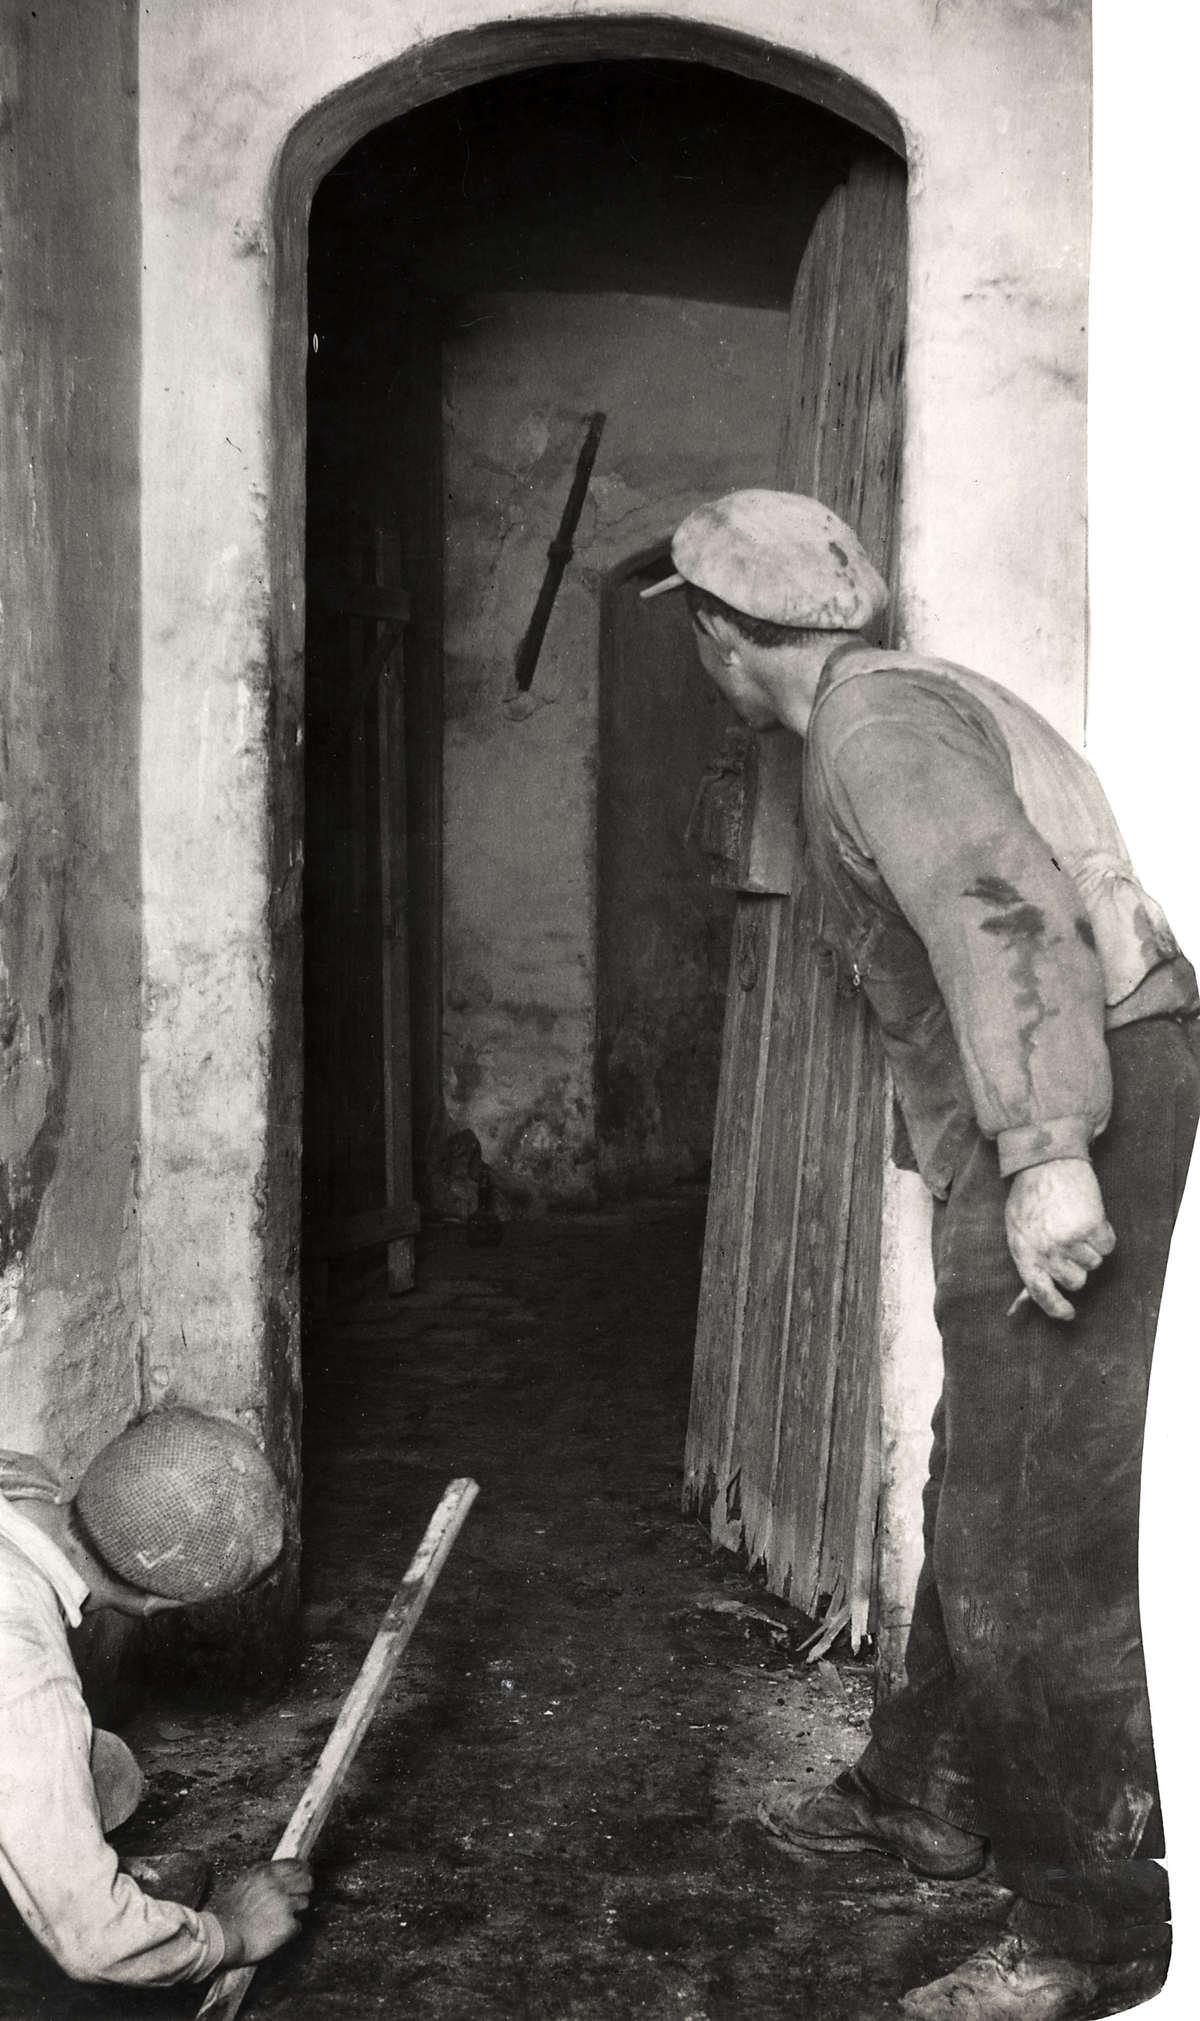 Spookhuizen twee mannen bij deur met gang erachter in het leegstaande huis van mr van hall in for Lay outs van het huis hal